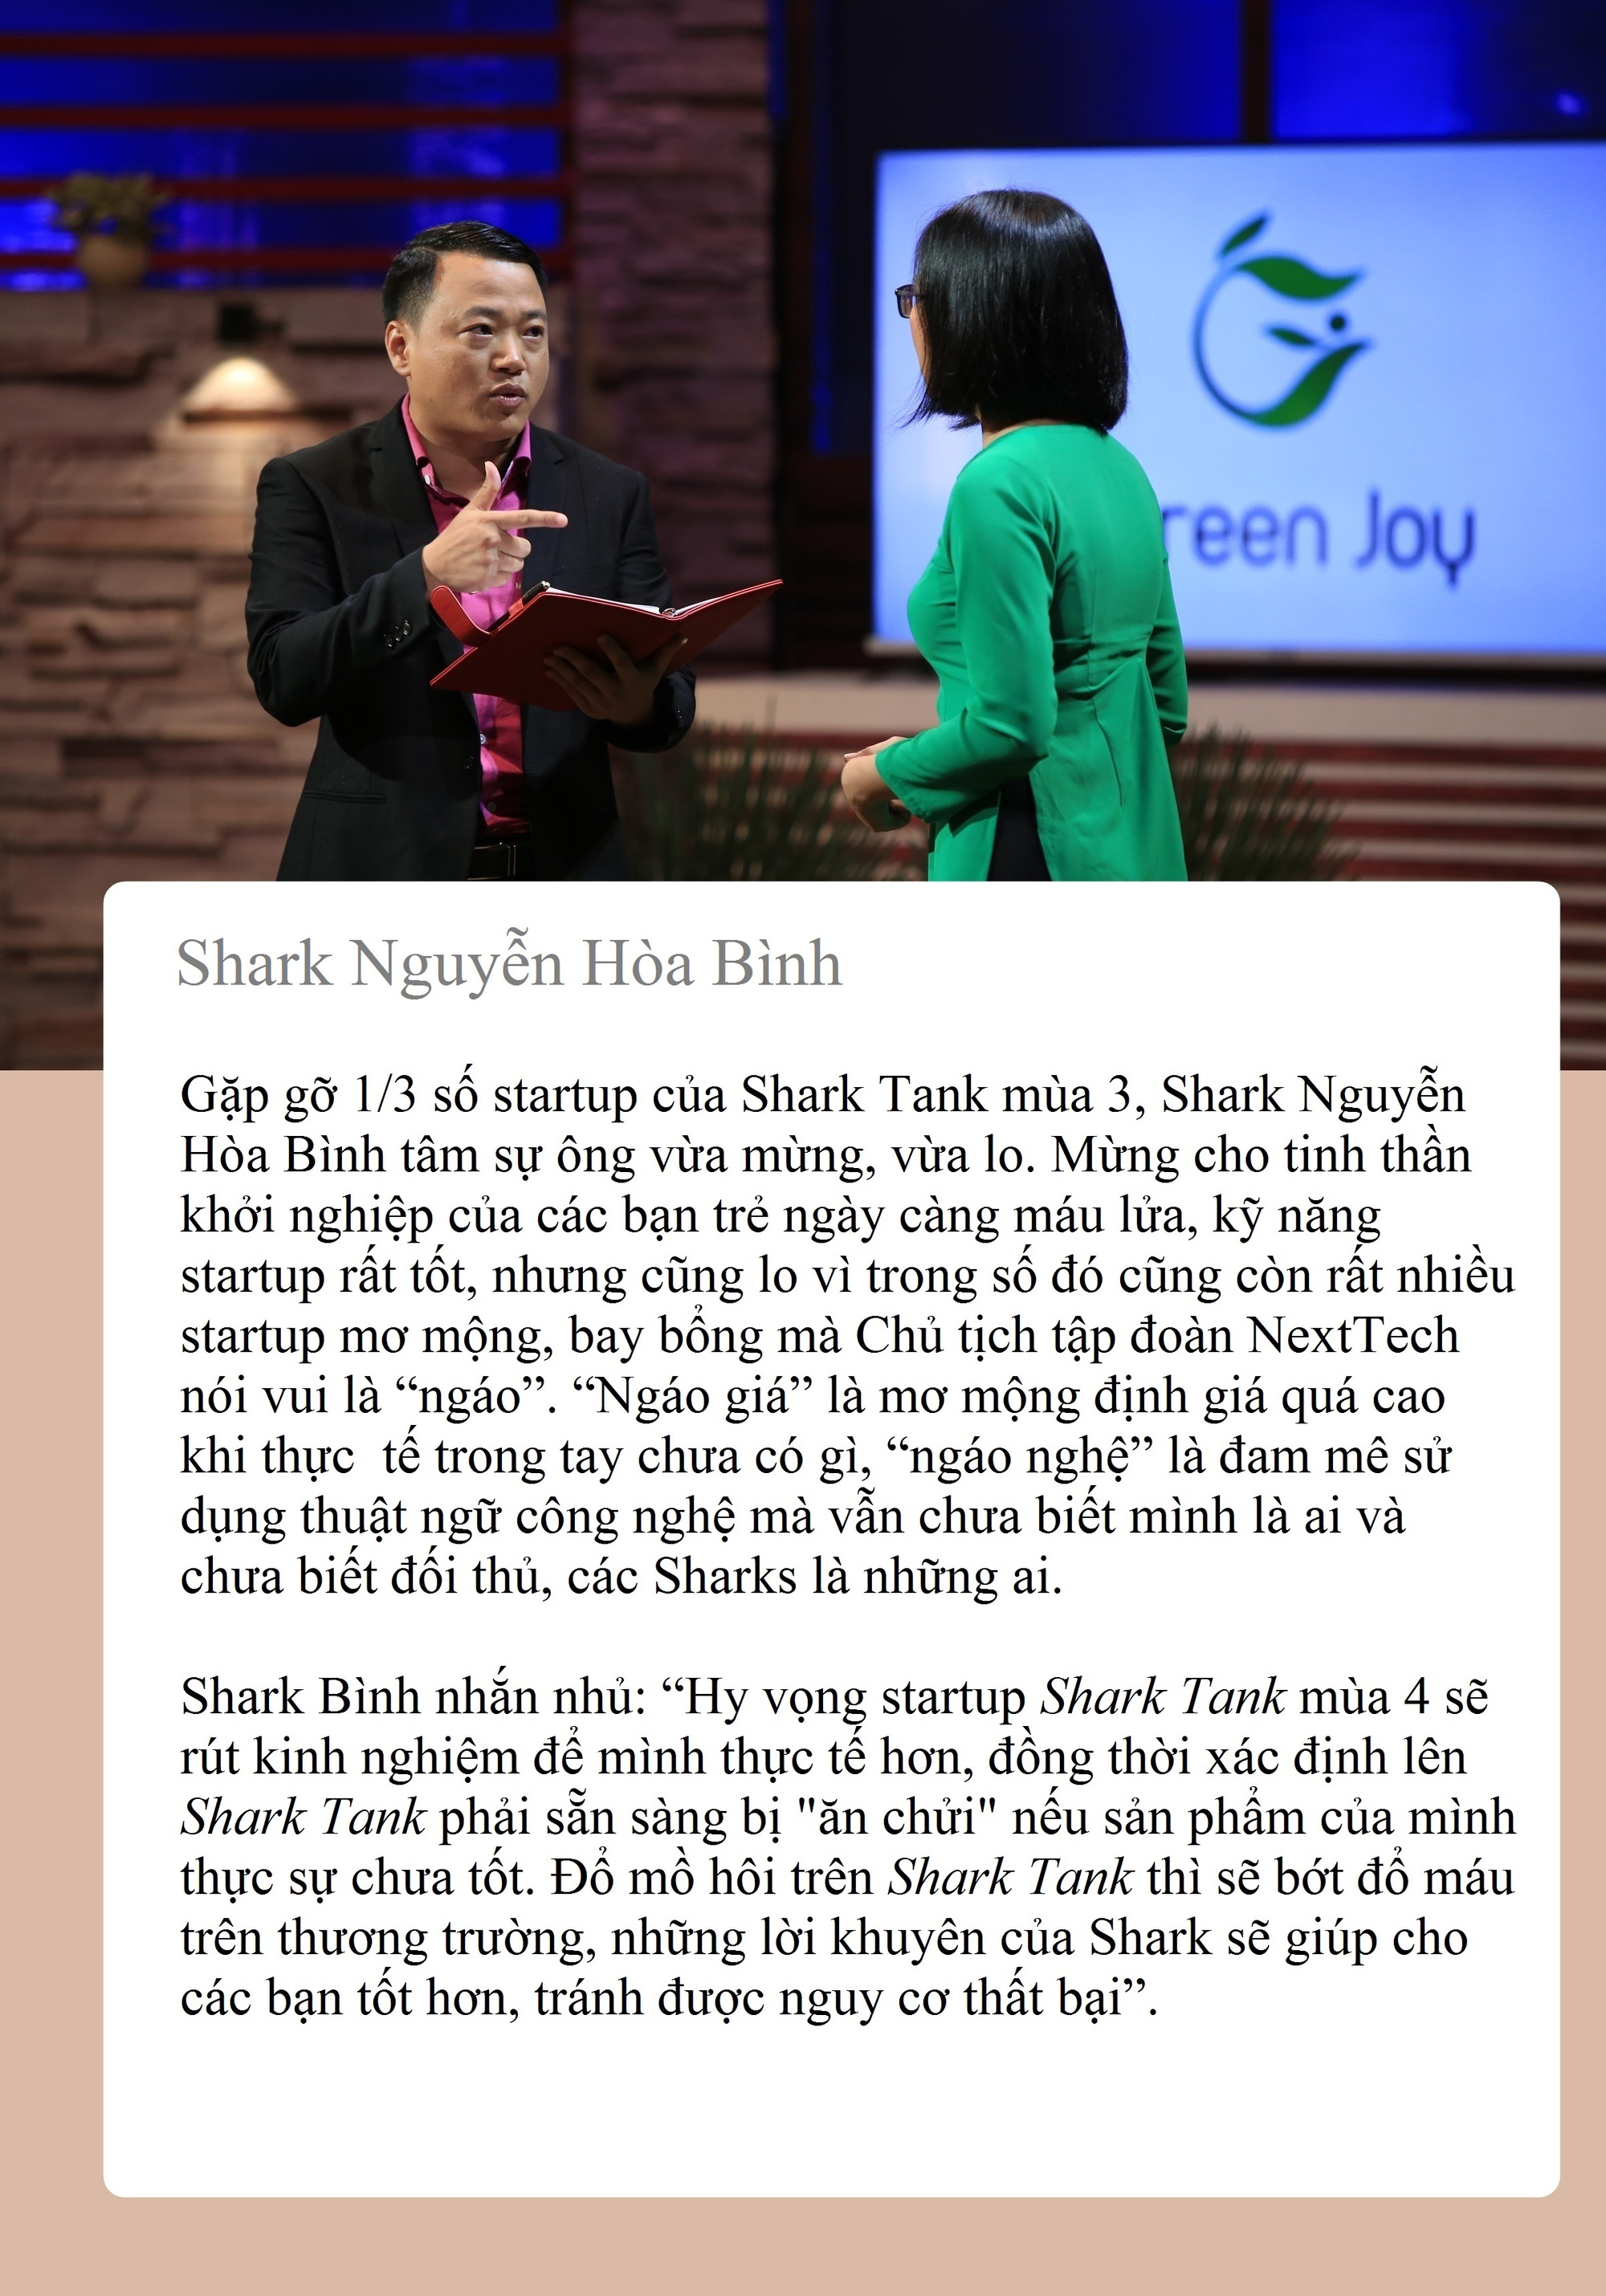 Shark Tank Việt Nam mùa 3 - Hành trình lan tỏa cảm hứng khởi nghiệp mạnh mẽ - Ảnh 6.